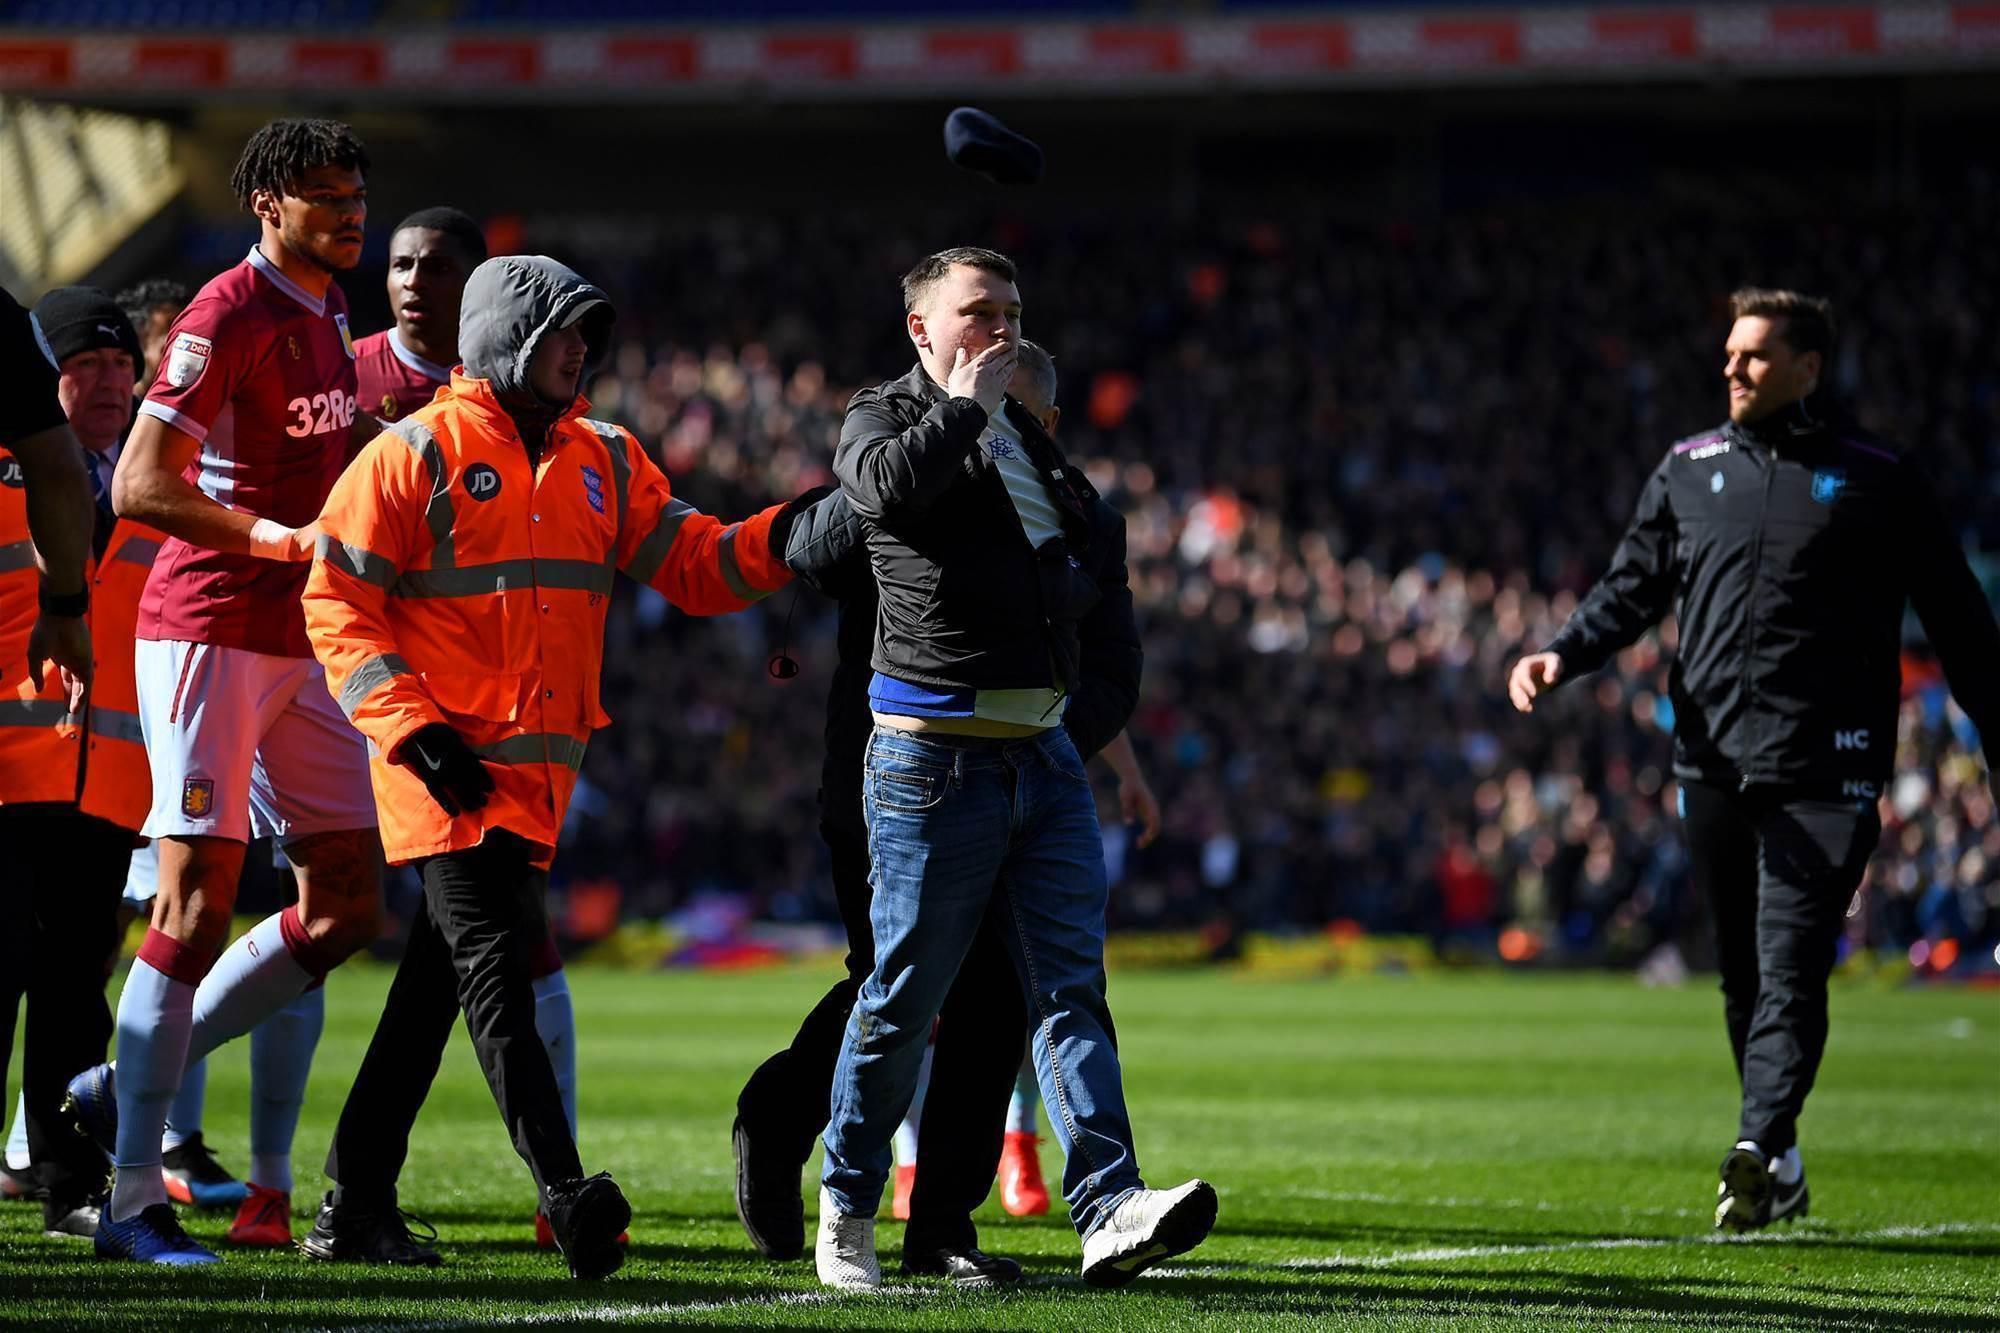 Birmingham City fan receives 14 weeks prison time